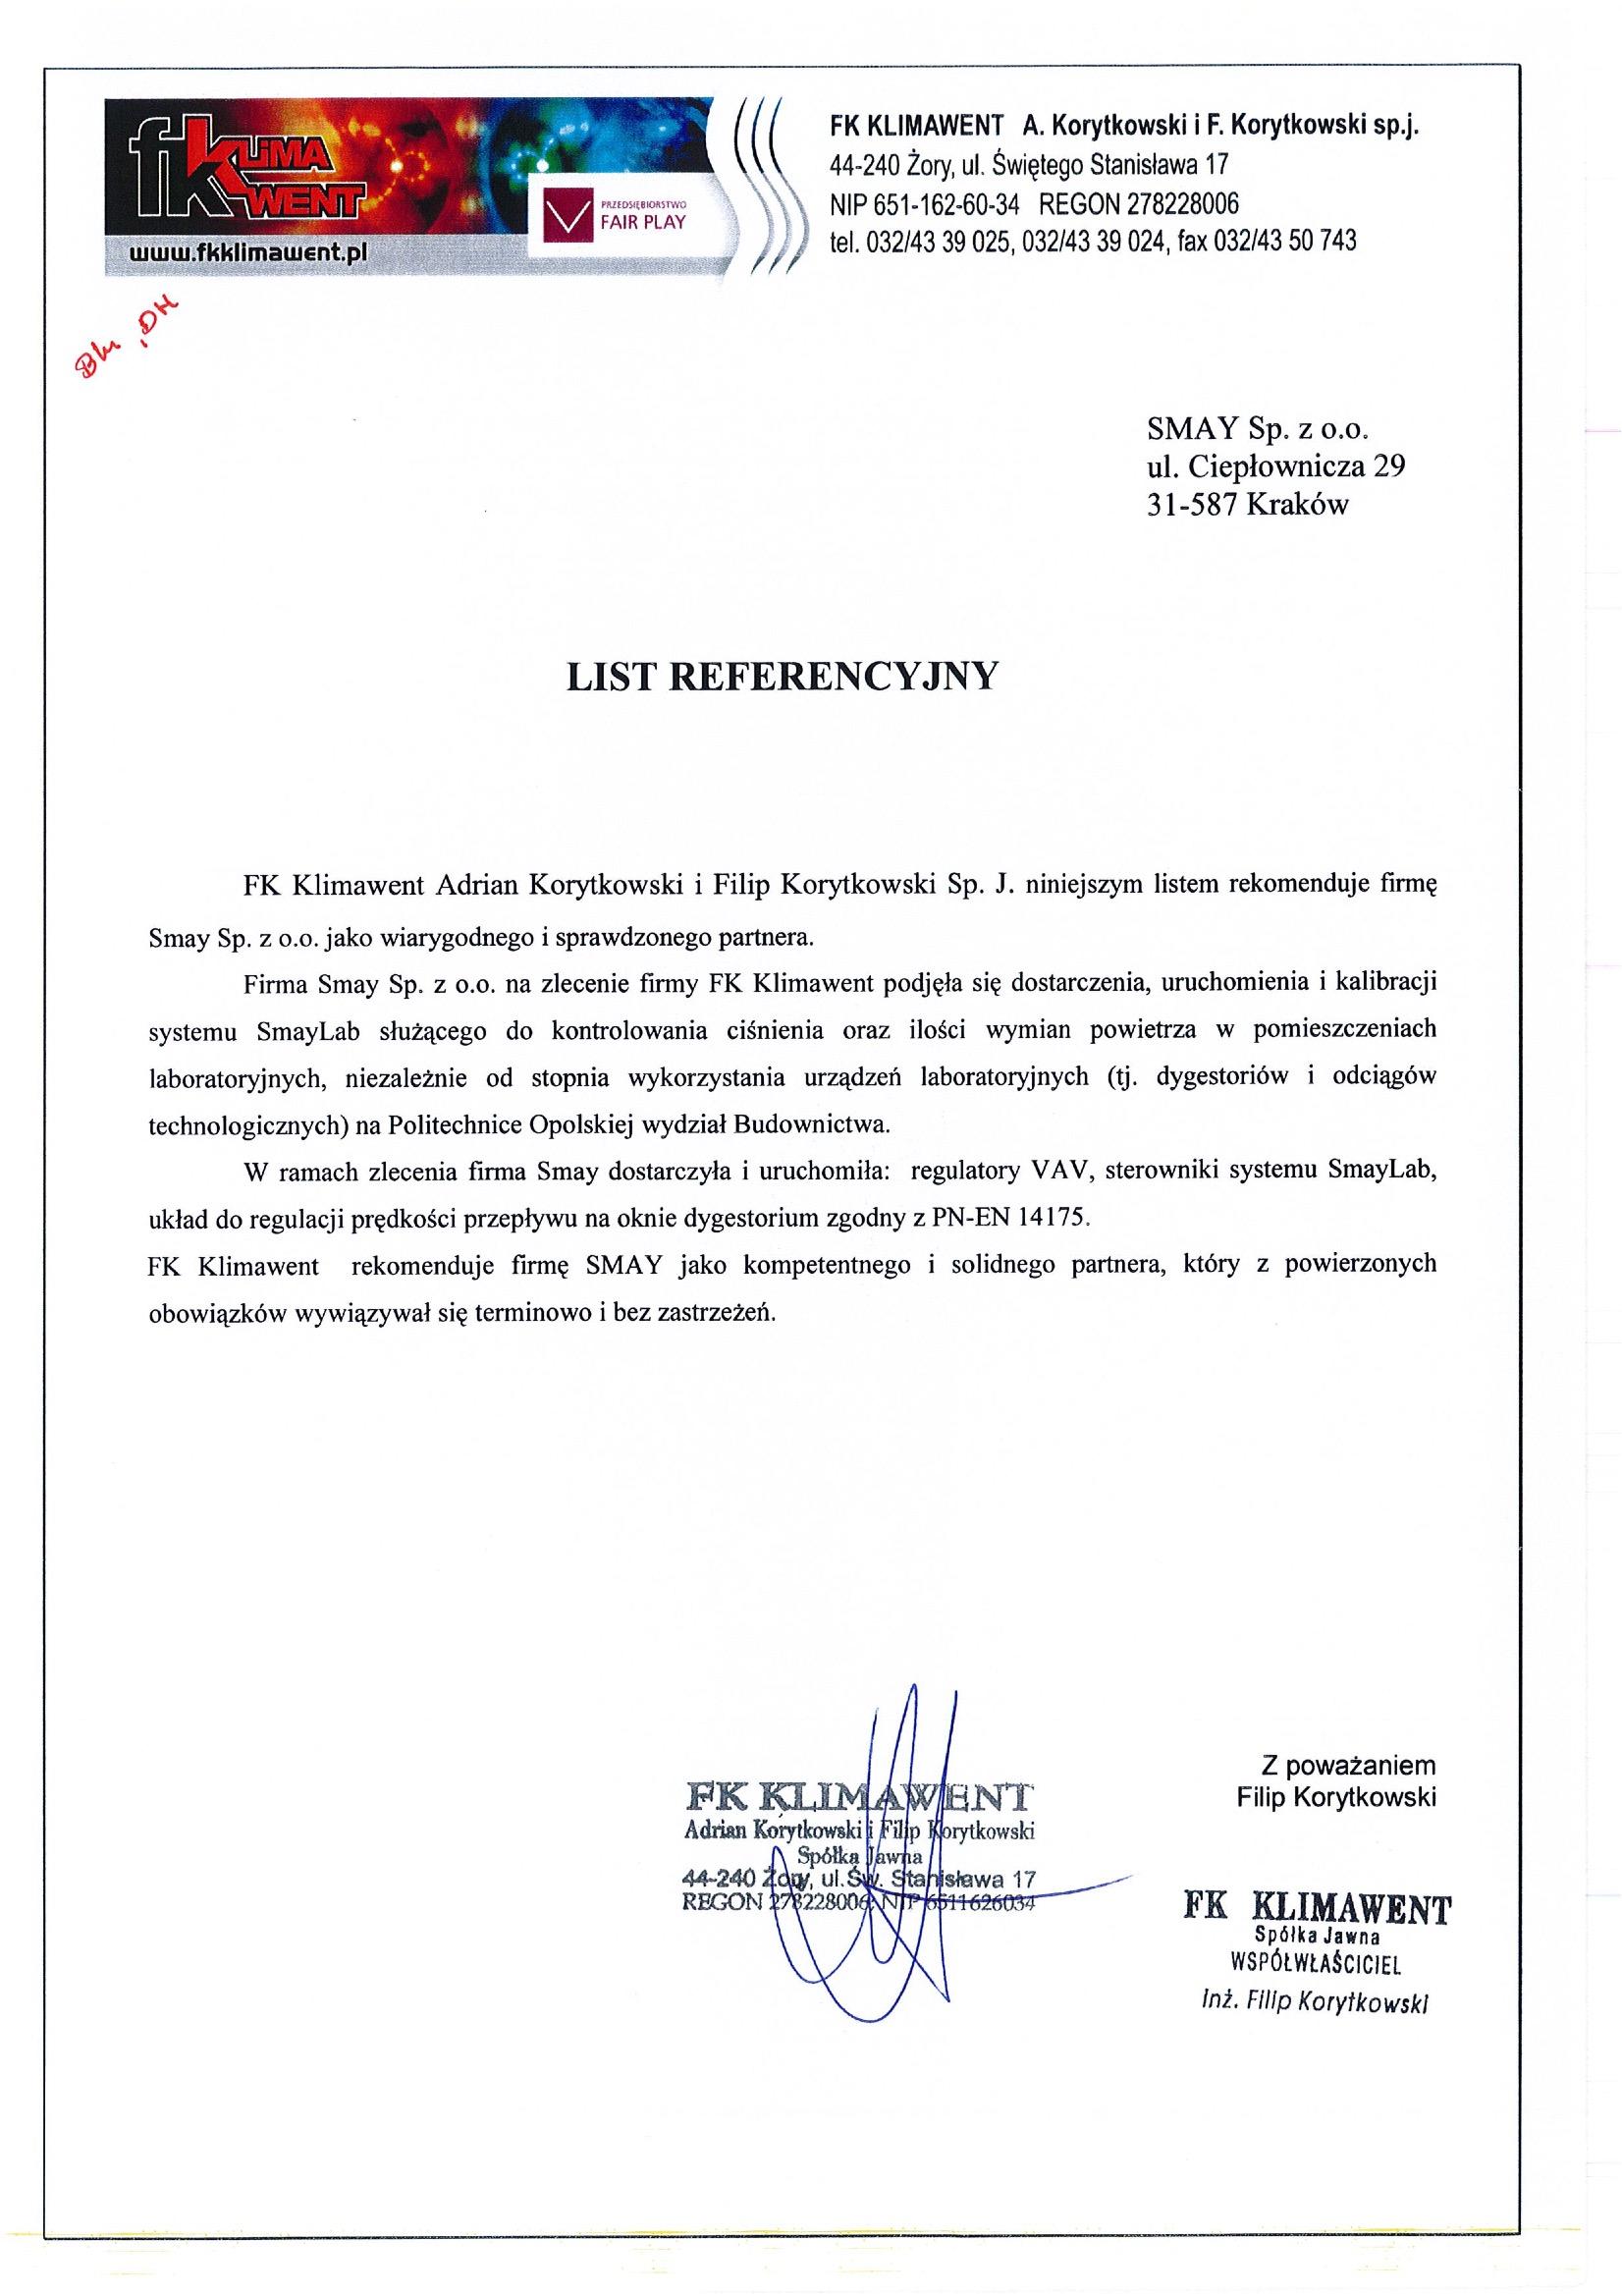 Reference - FK Klimawent